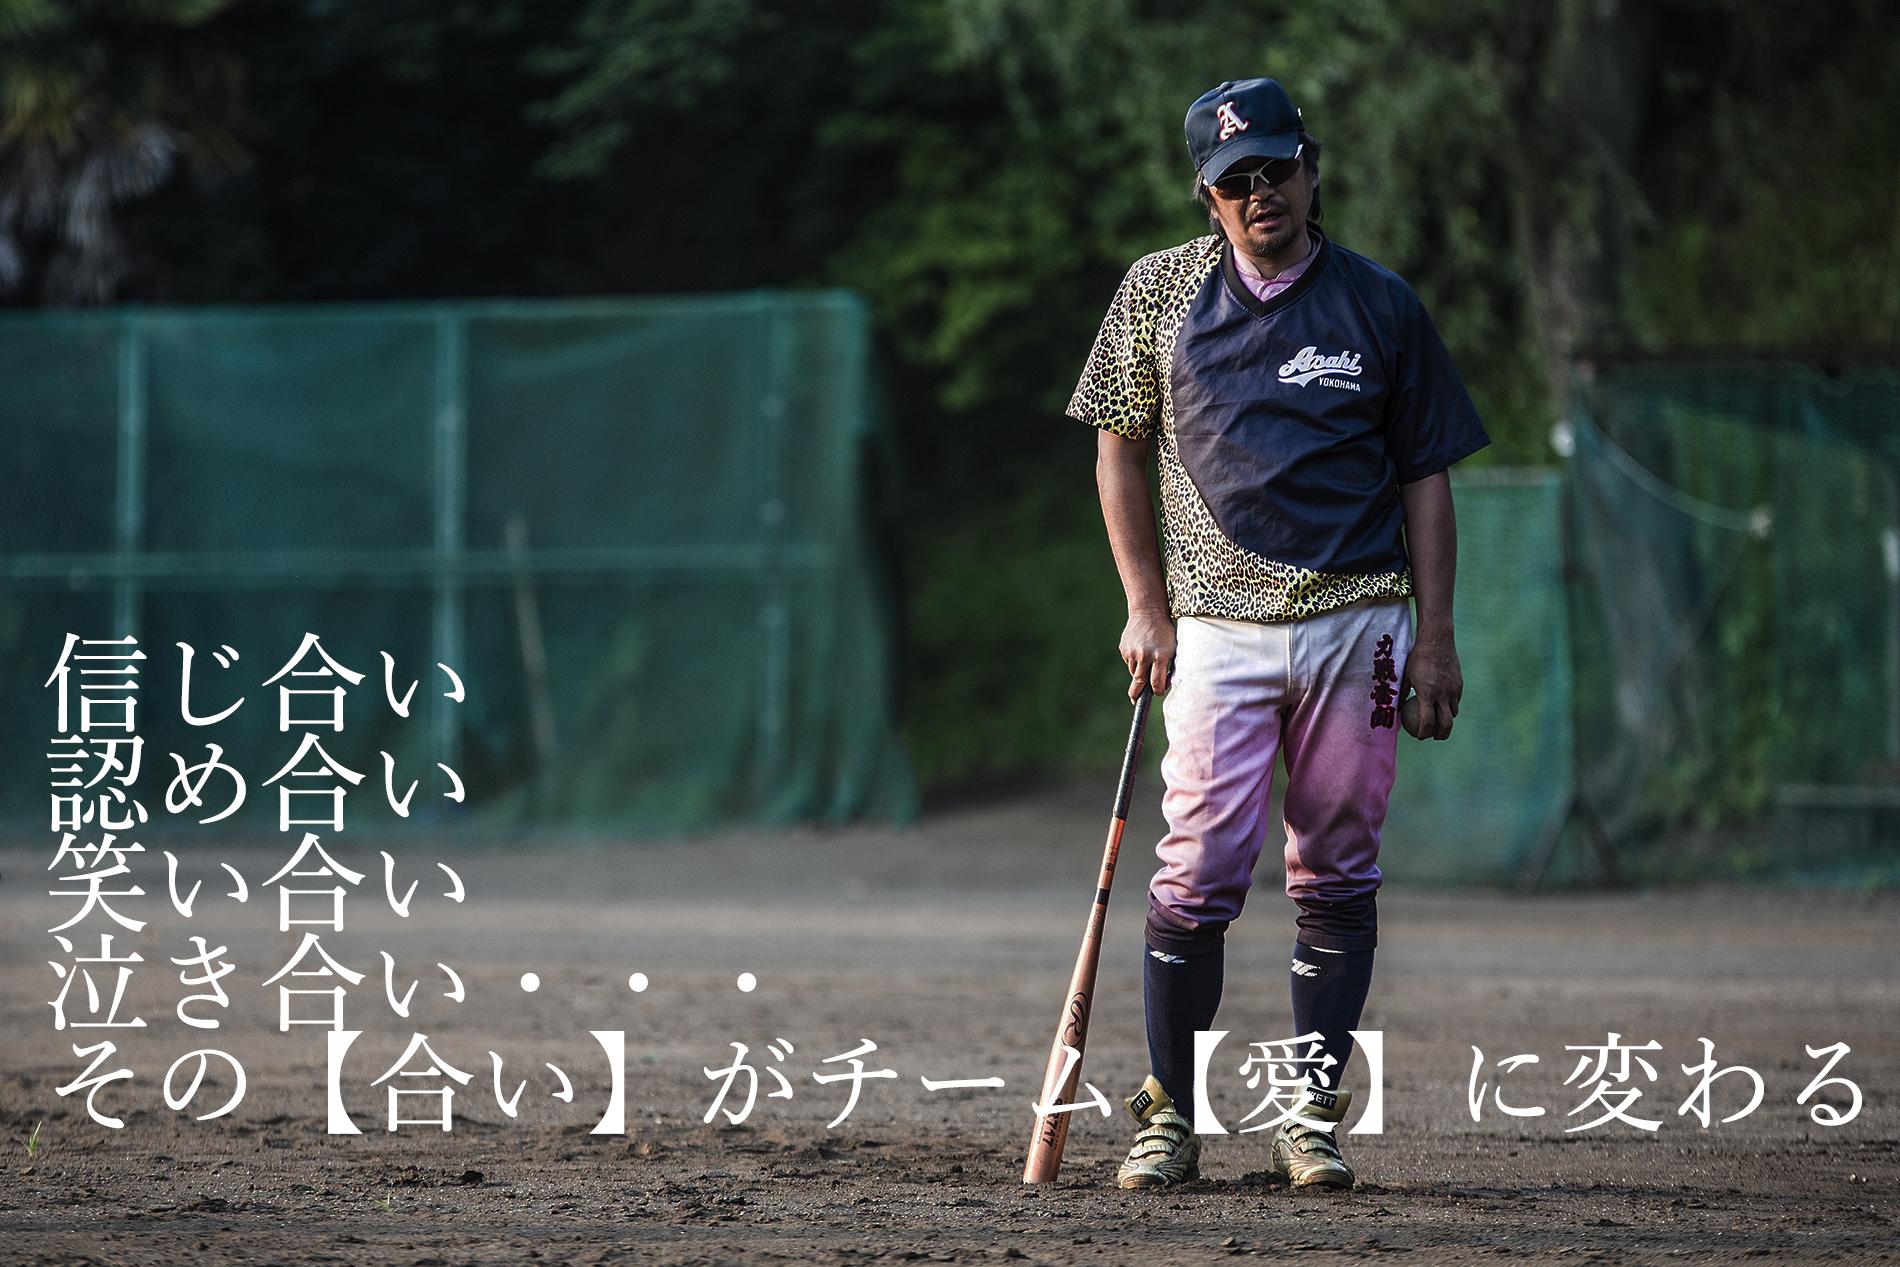 年中夢球公式サイト 少年野球から高校野球の野球少年と指導者のための